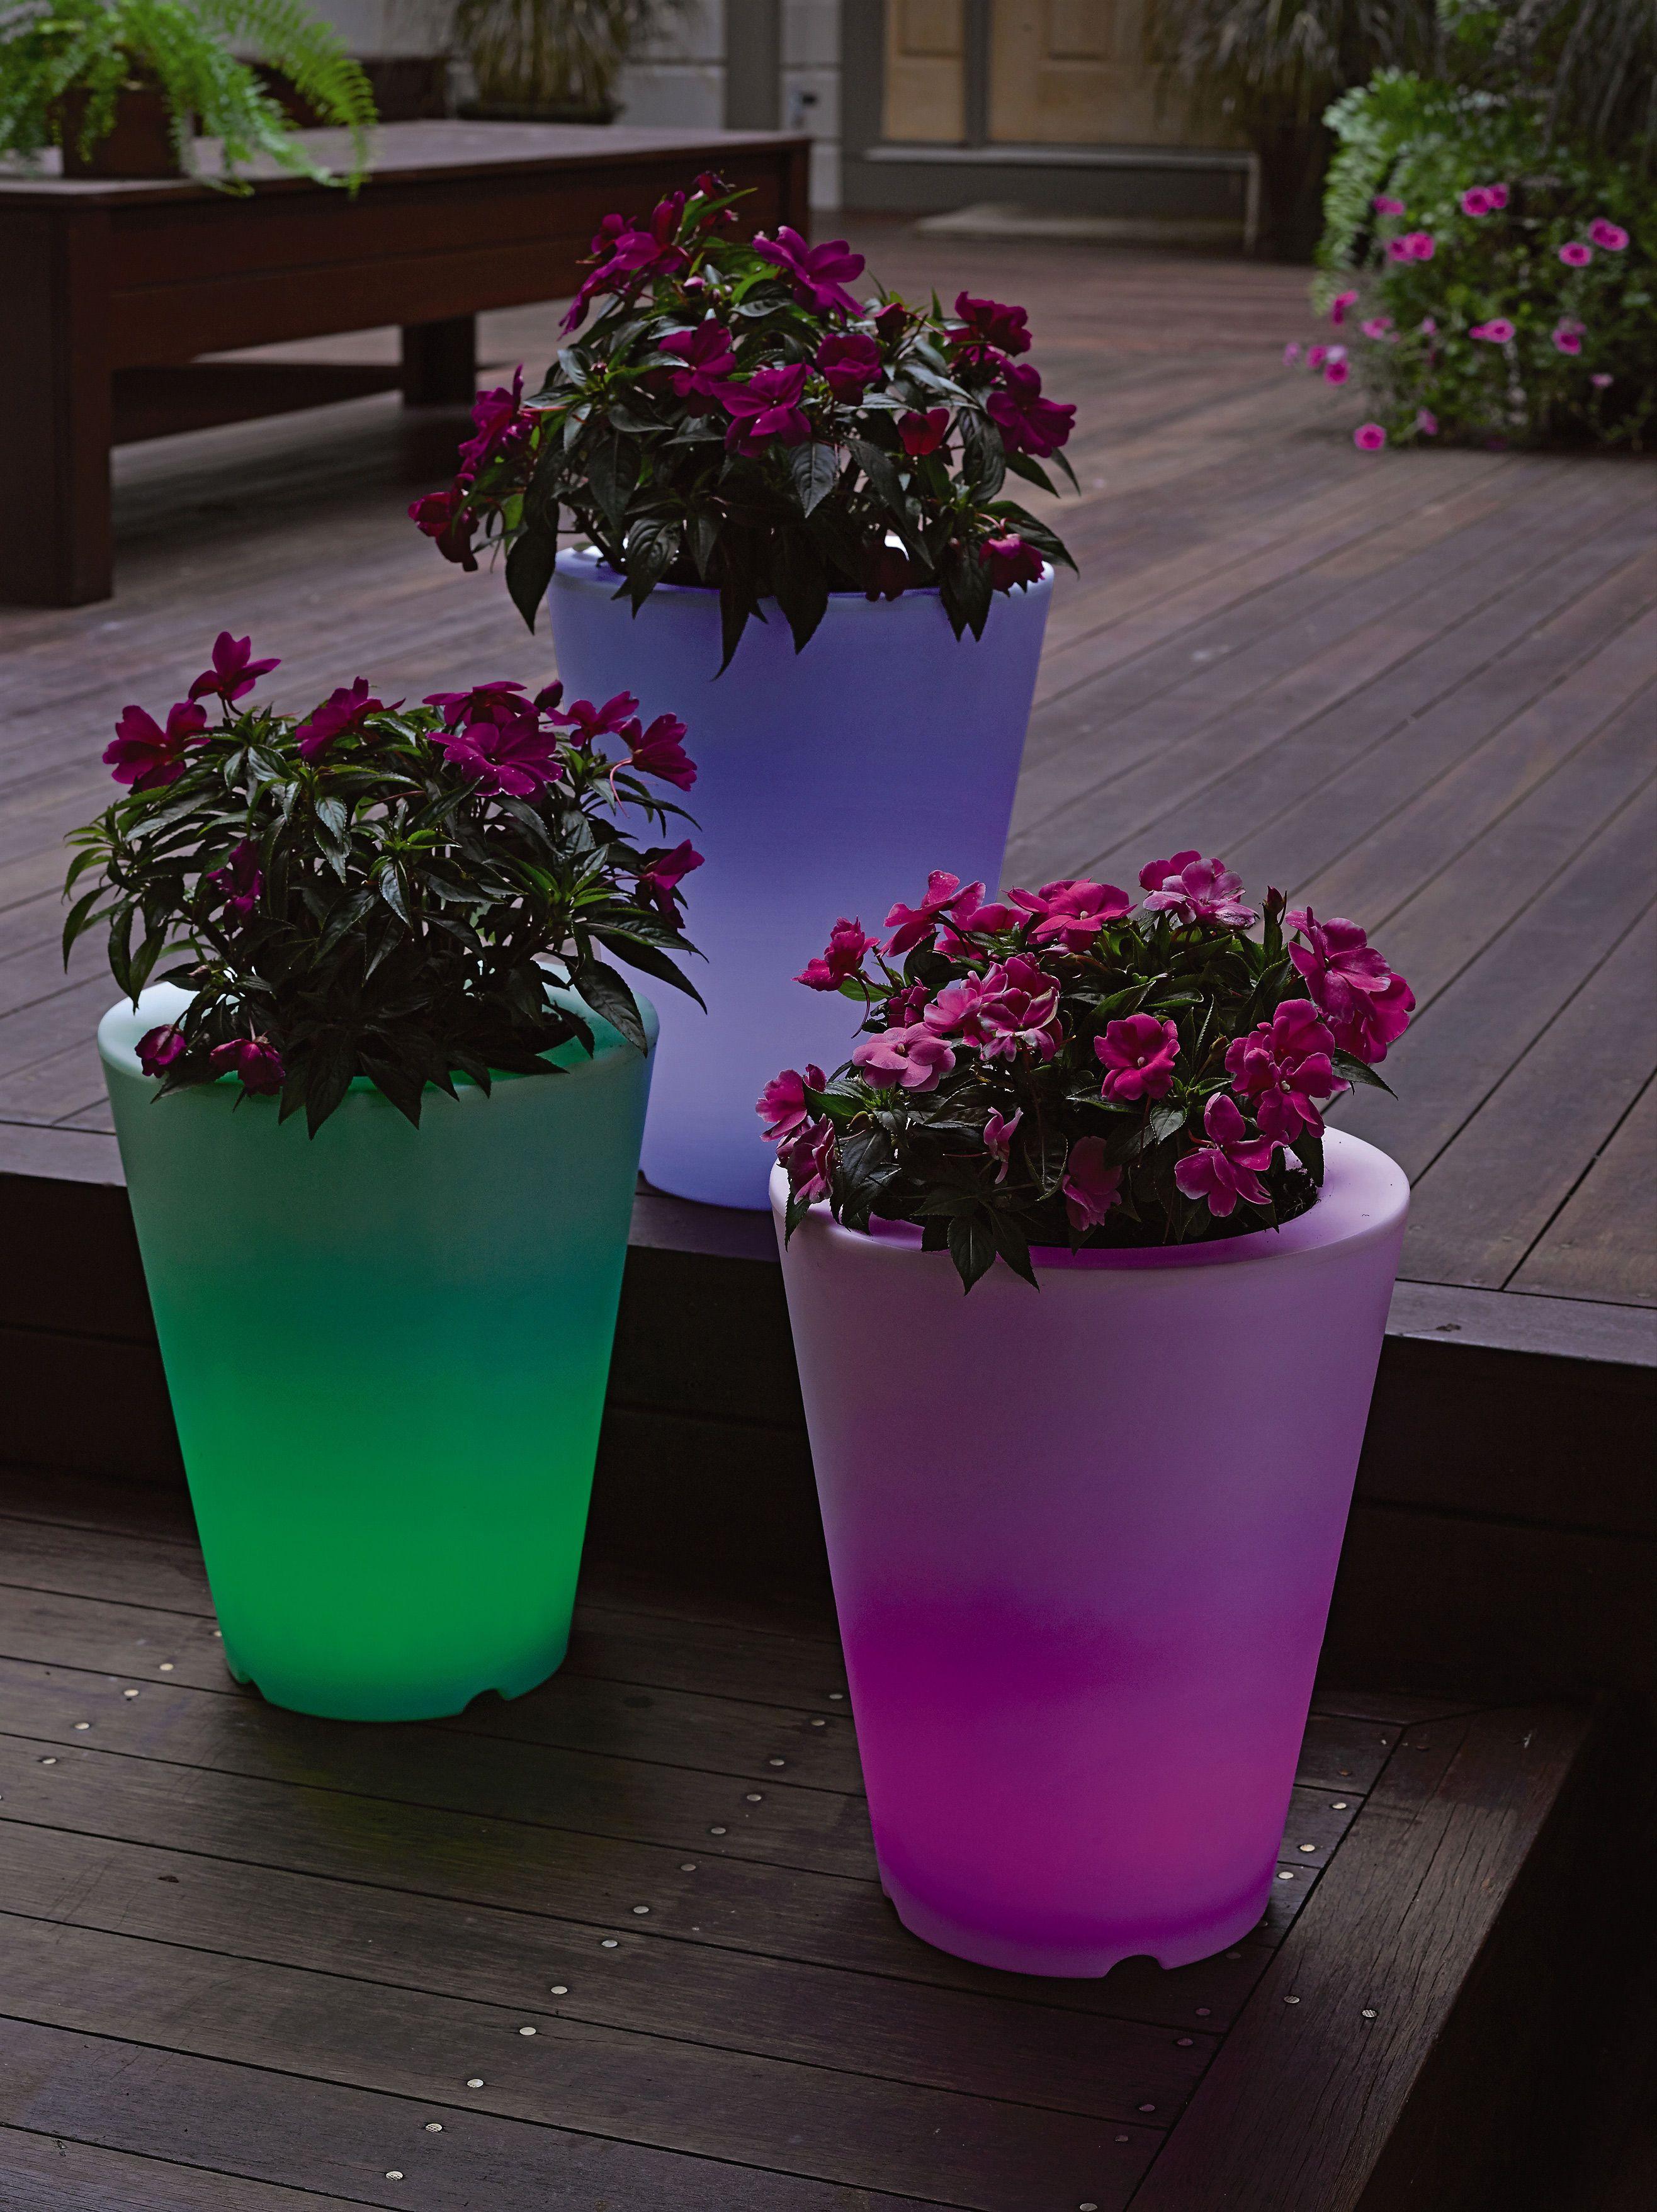 Solar Illuminated Planter Small Round Gardener S Supply Small Backyard Landscaping Solar Lights Garden Best Outdoor Lighting